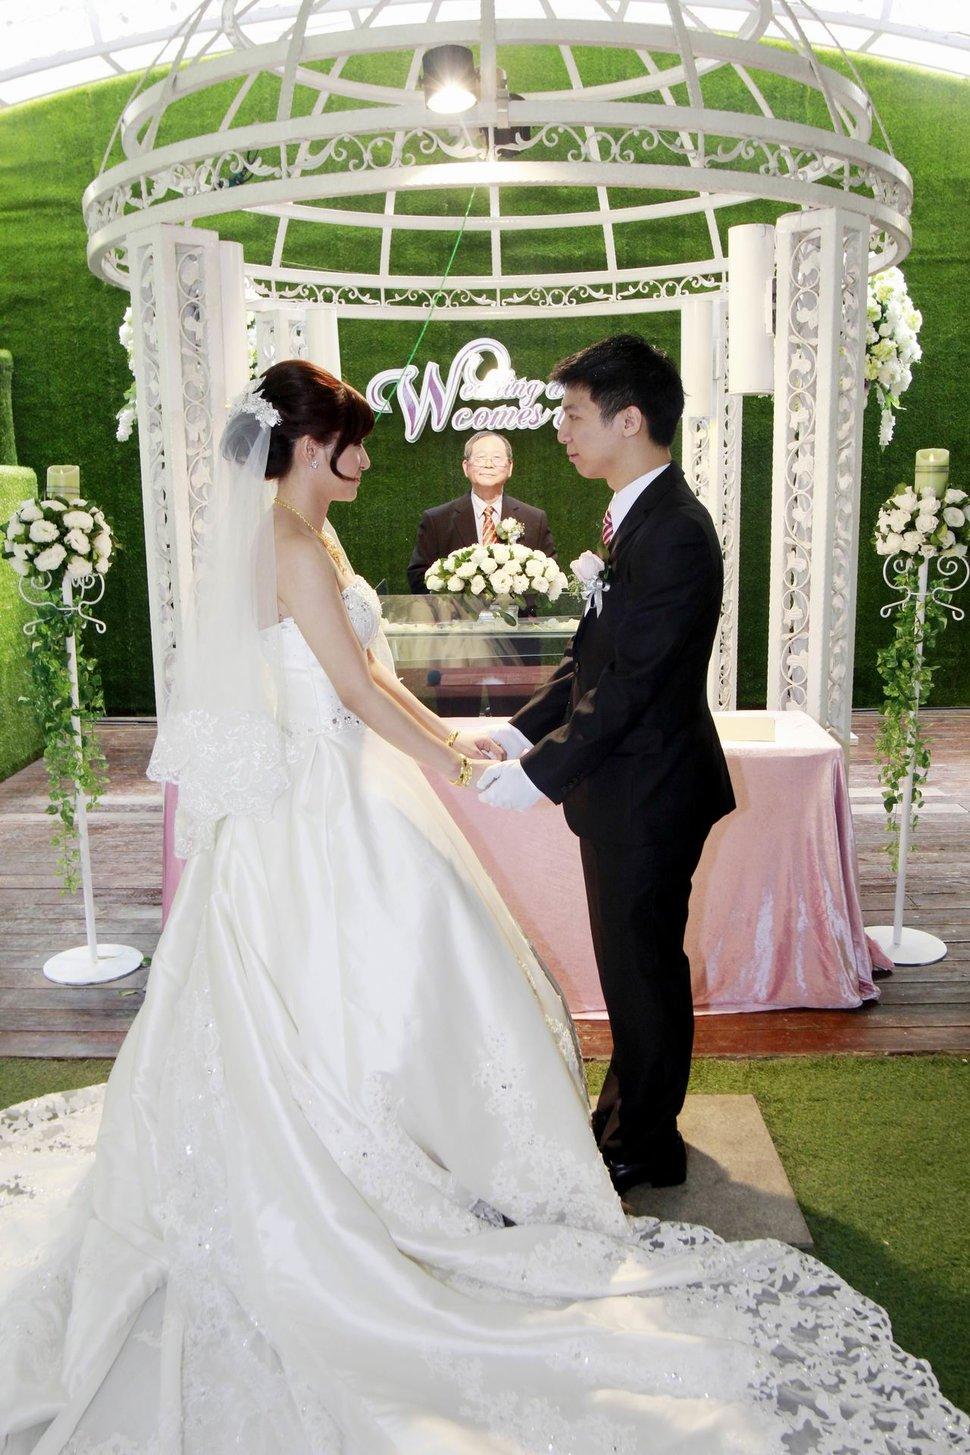 青青食尚花園會館婚禮記錄結婚迎娶婚禮記錄動態微電影錄影專業錄影平面攝影婚紗攝攝影婚禮主持人(編號:196752) - 蜜月拍照10800錄影12800攝影團隊 - 結婚吧